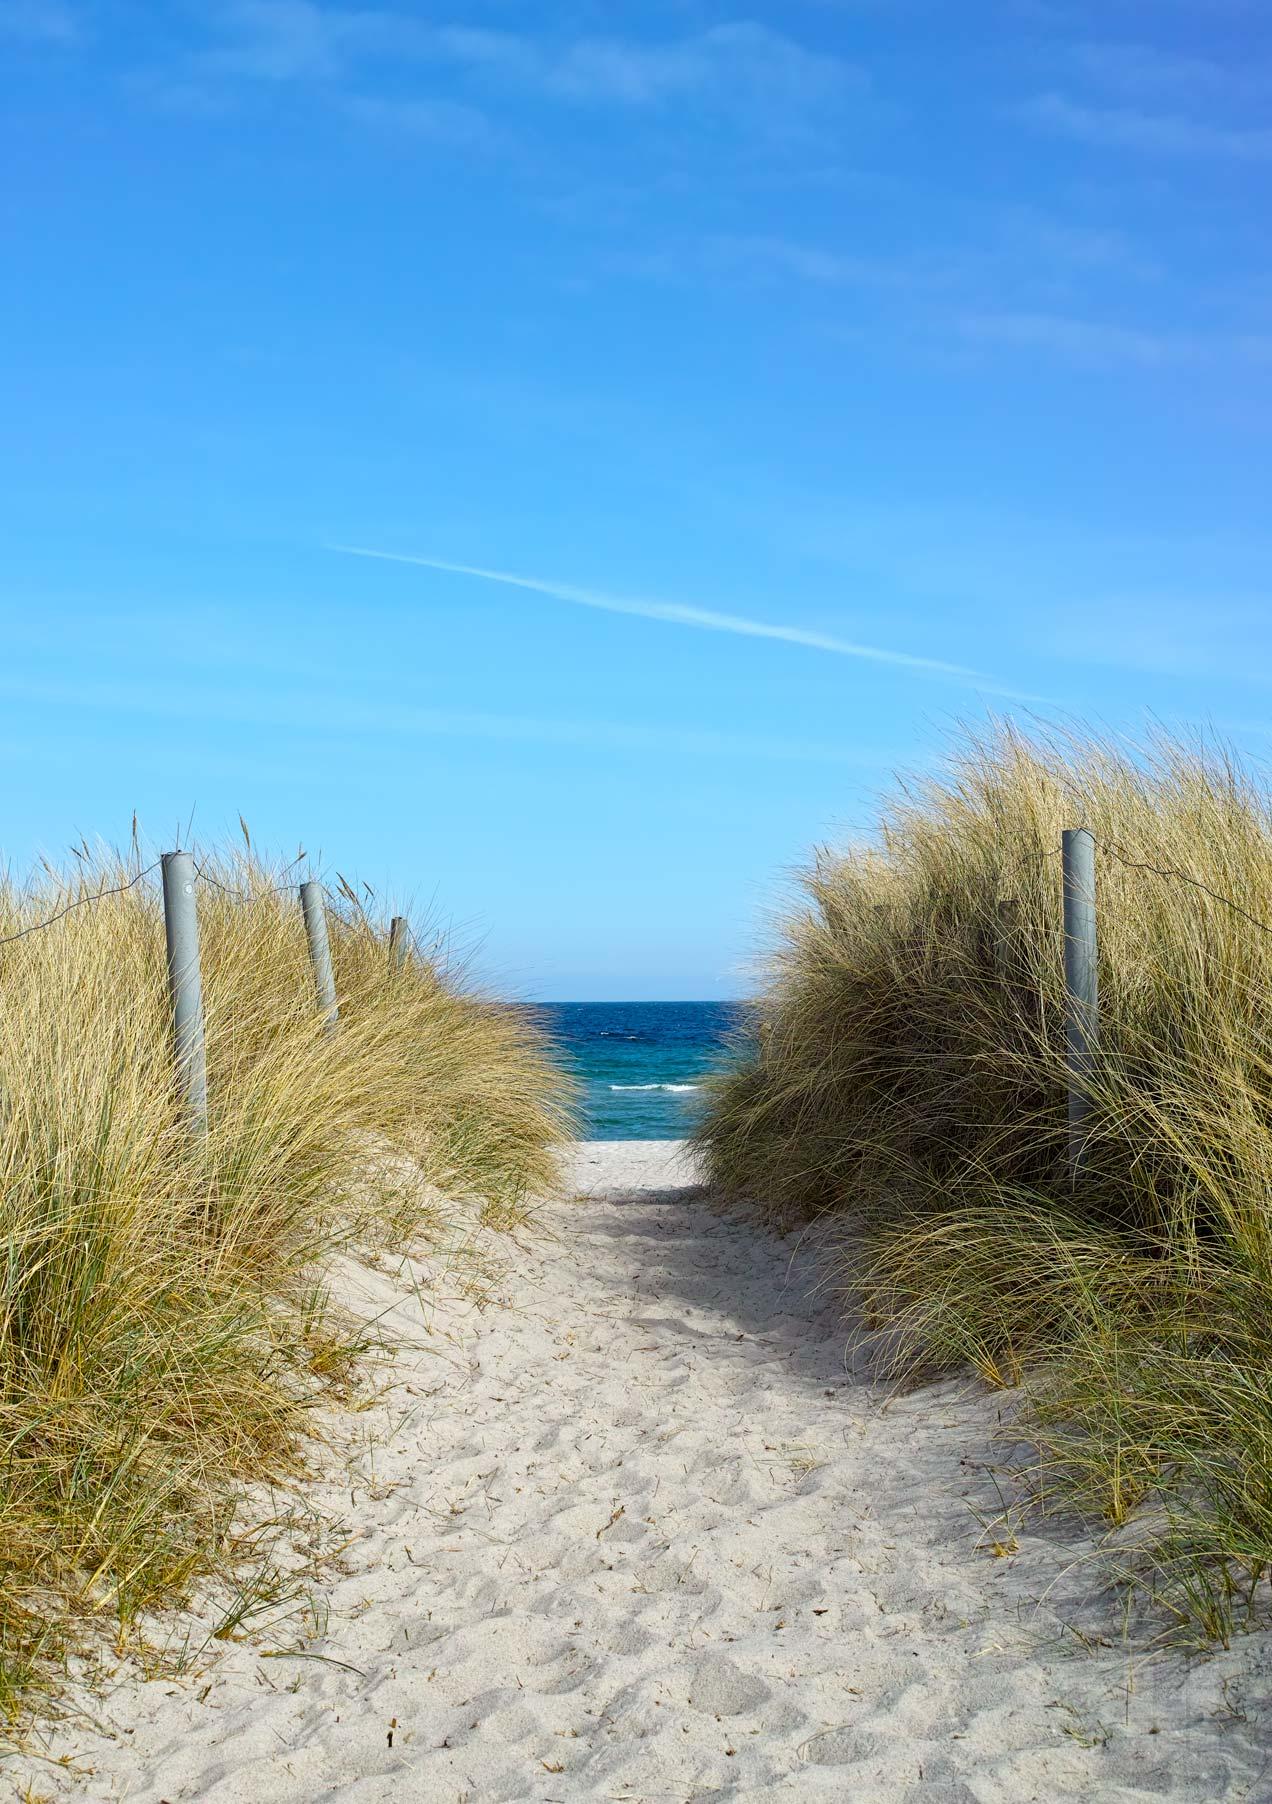 Zugang zum Meer - Arbeitsbeispiel Landschaftsfotografie